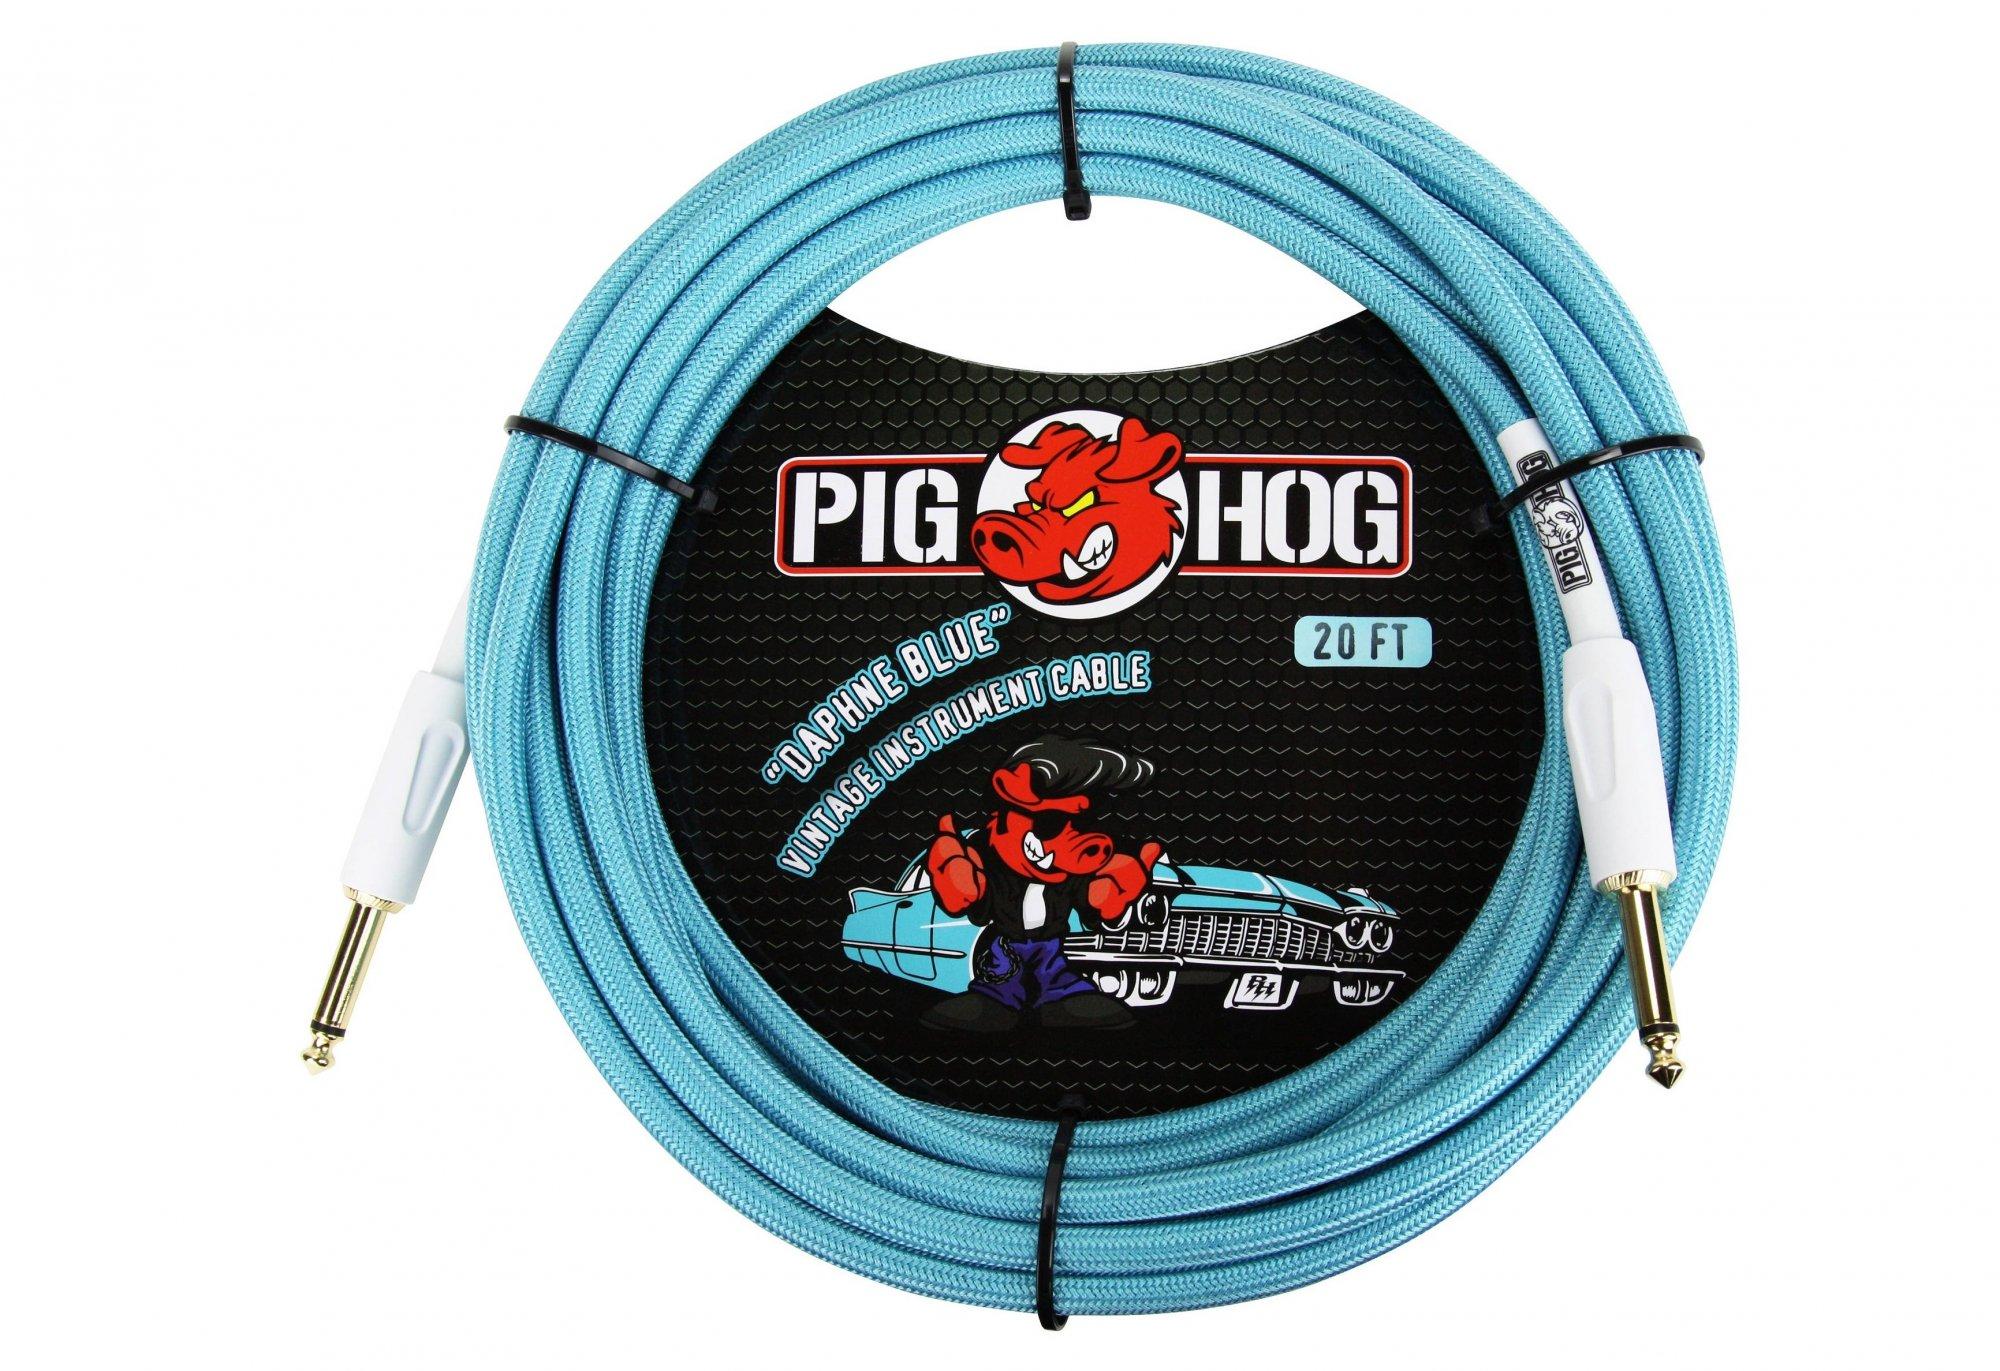 Pig Hog Vintage Instrument Cable, 20', Daphne Blue